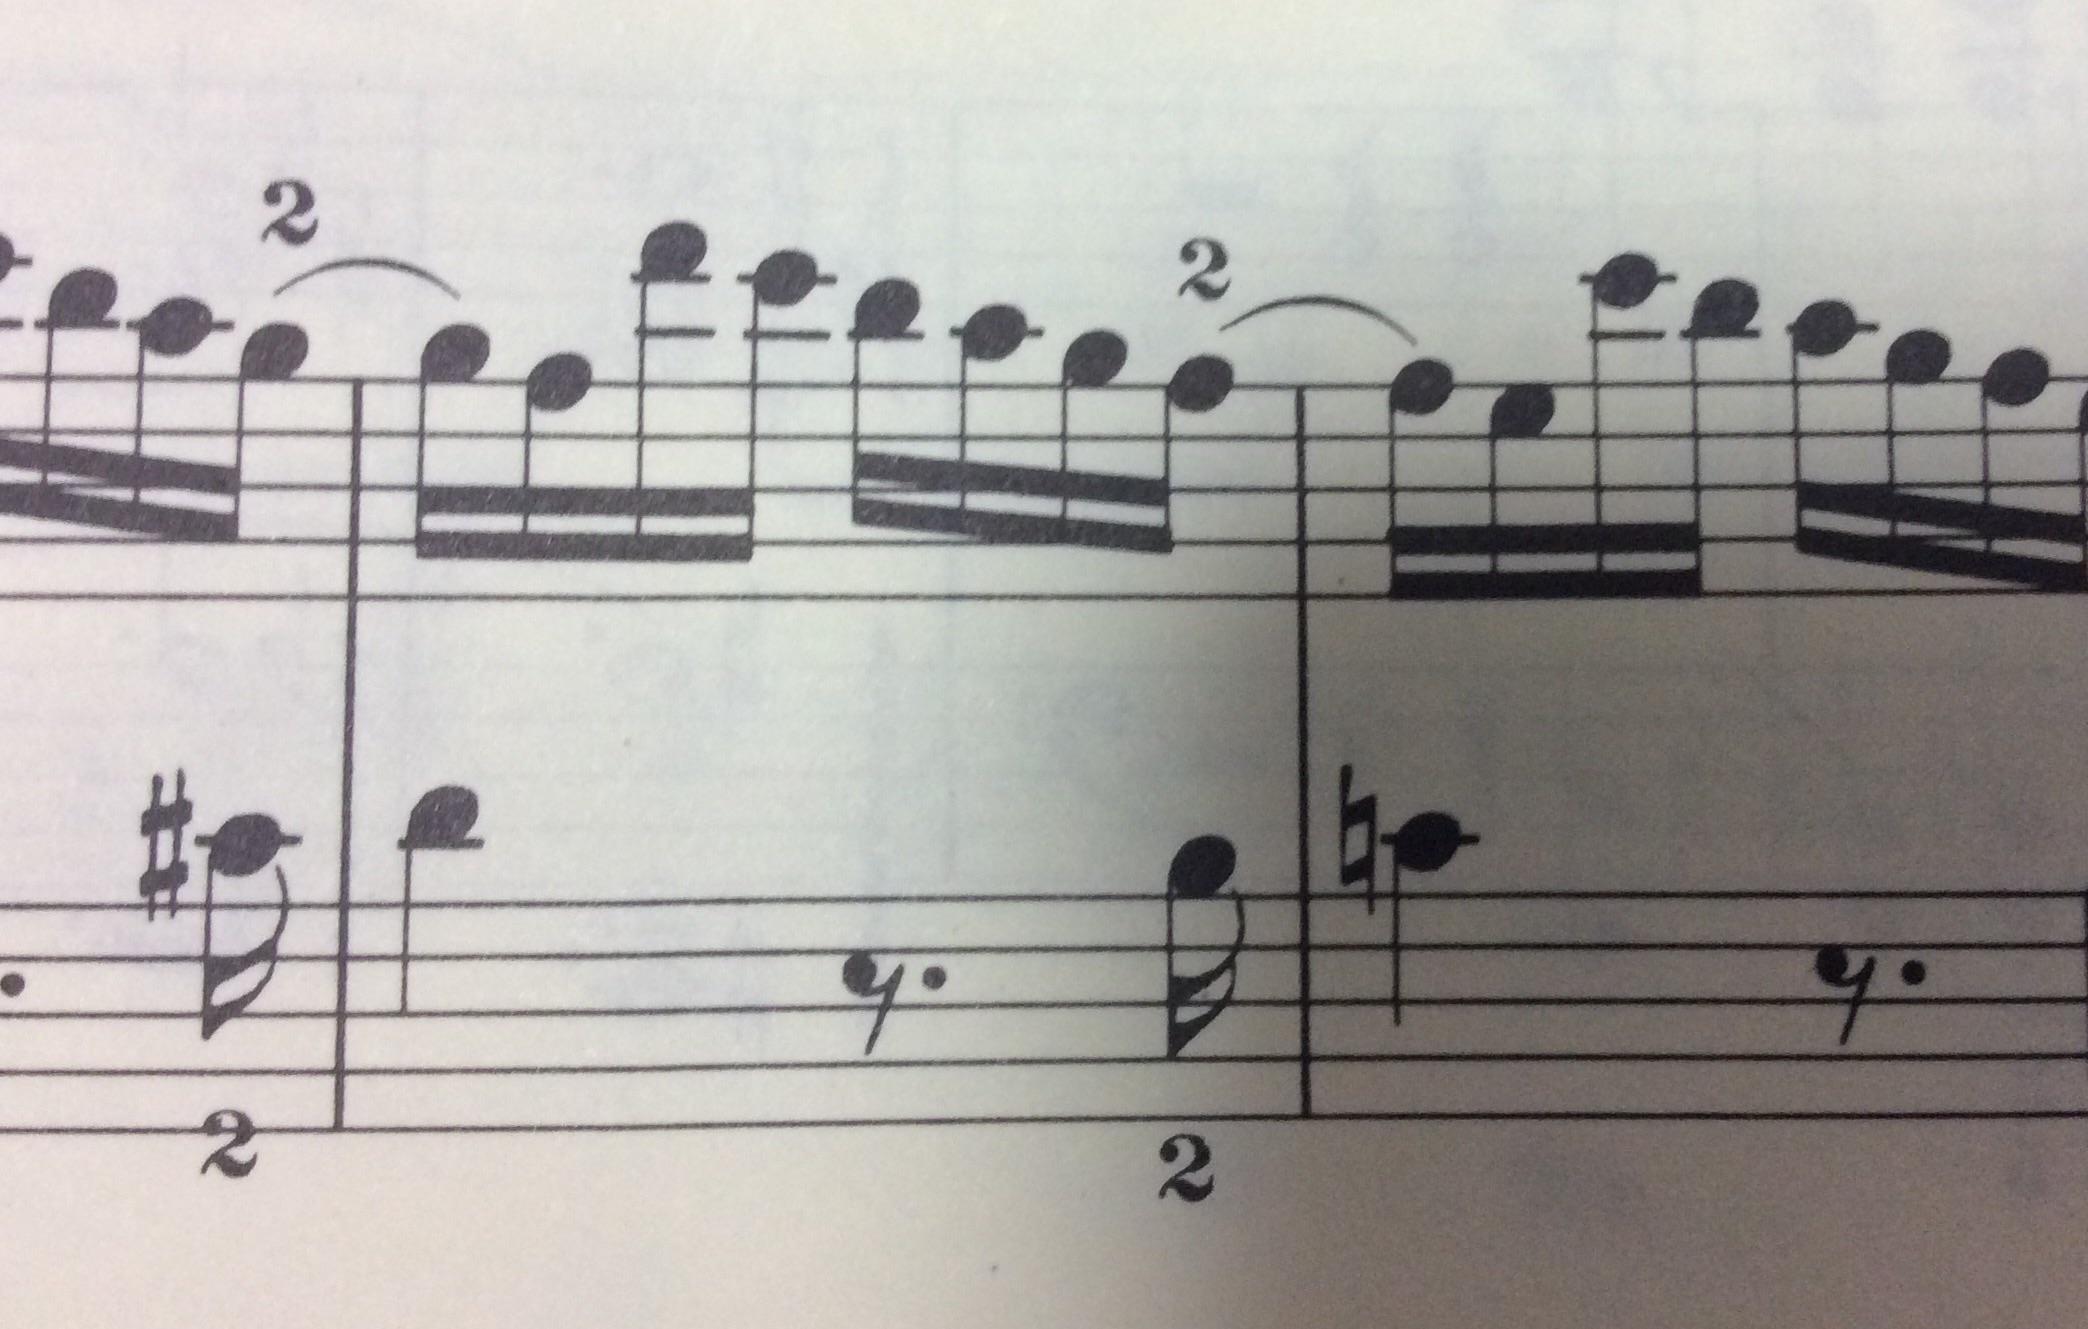 全音さん第二変奏